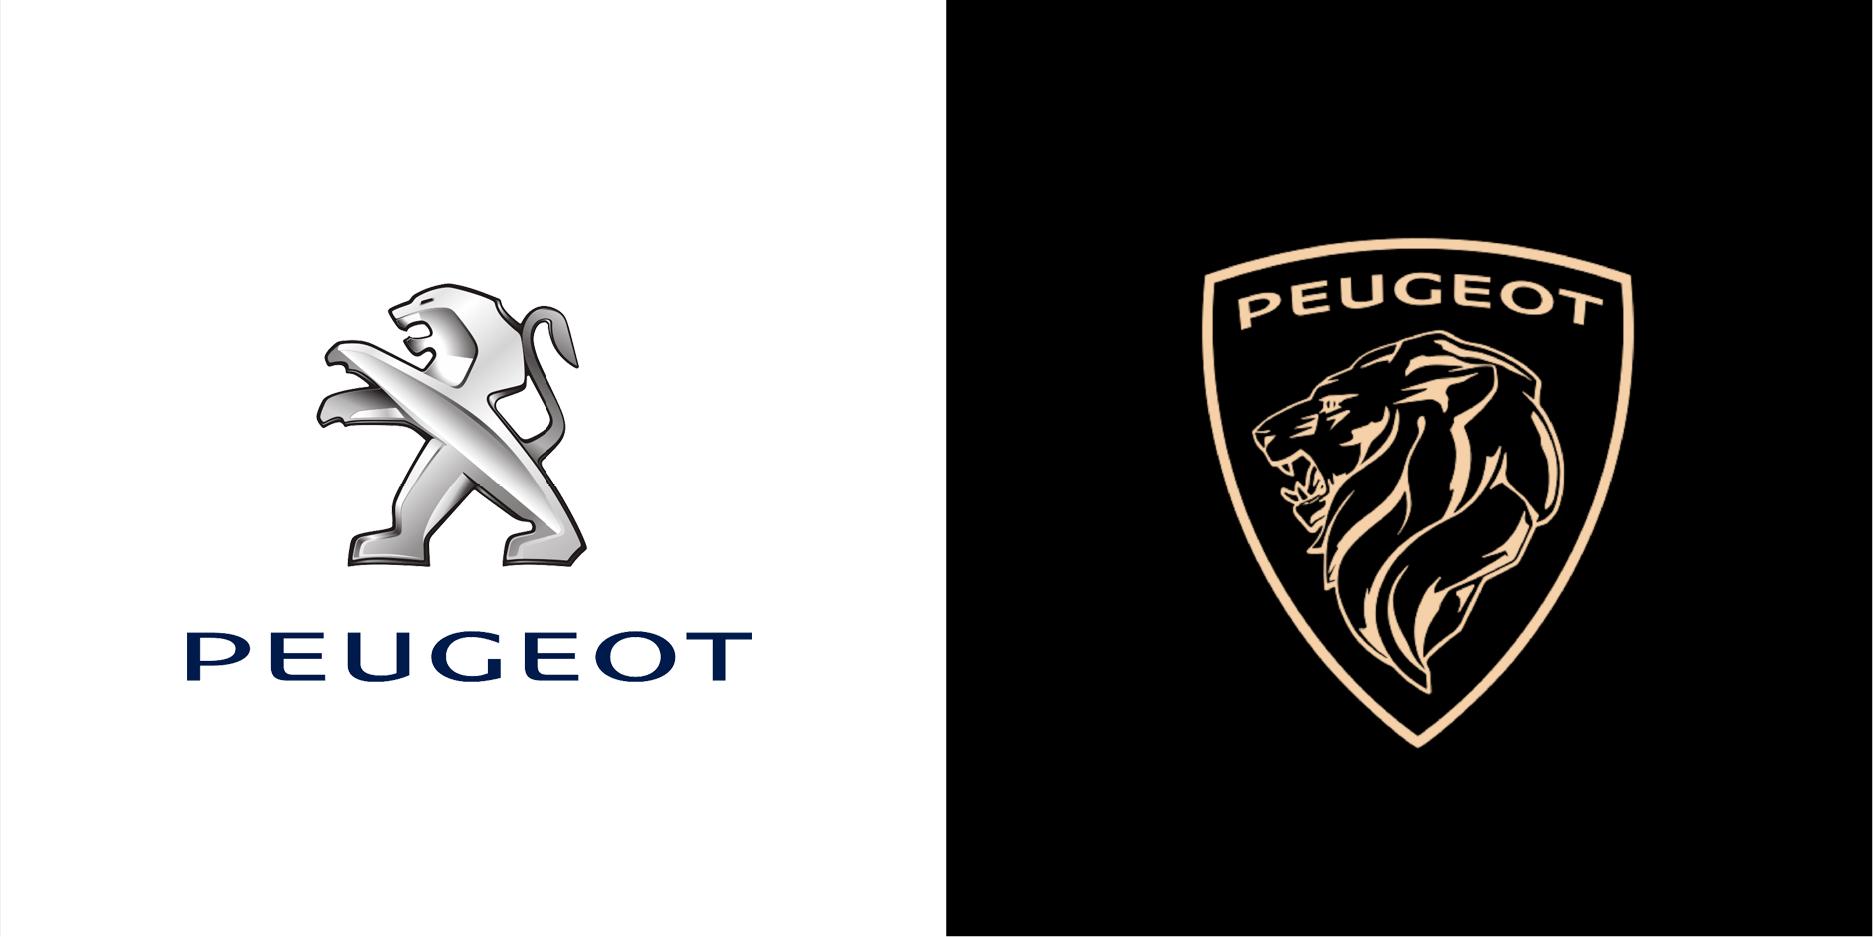 La marca Peugeot se renueva y lanza nuevo diseño de logotipo 2021